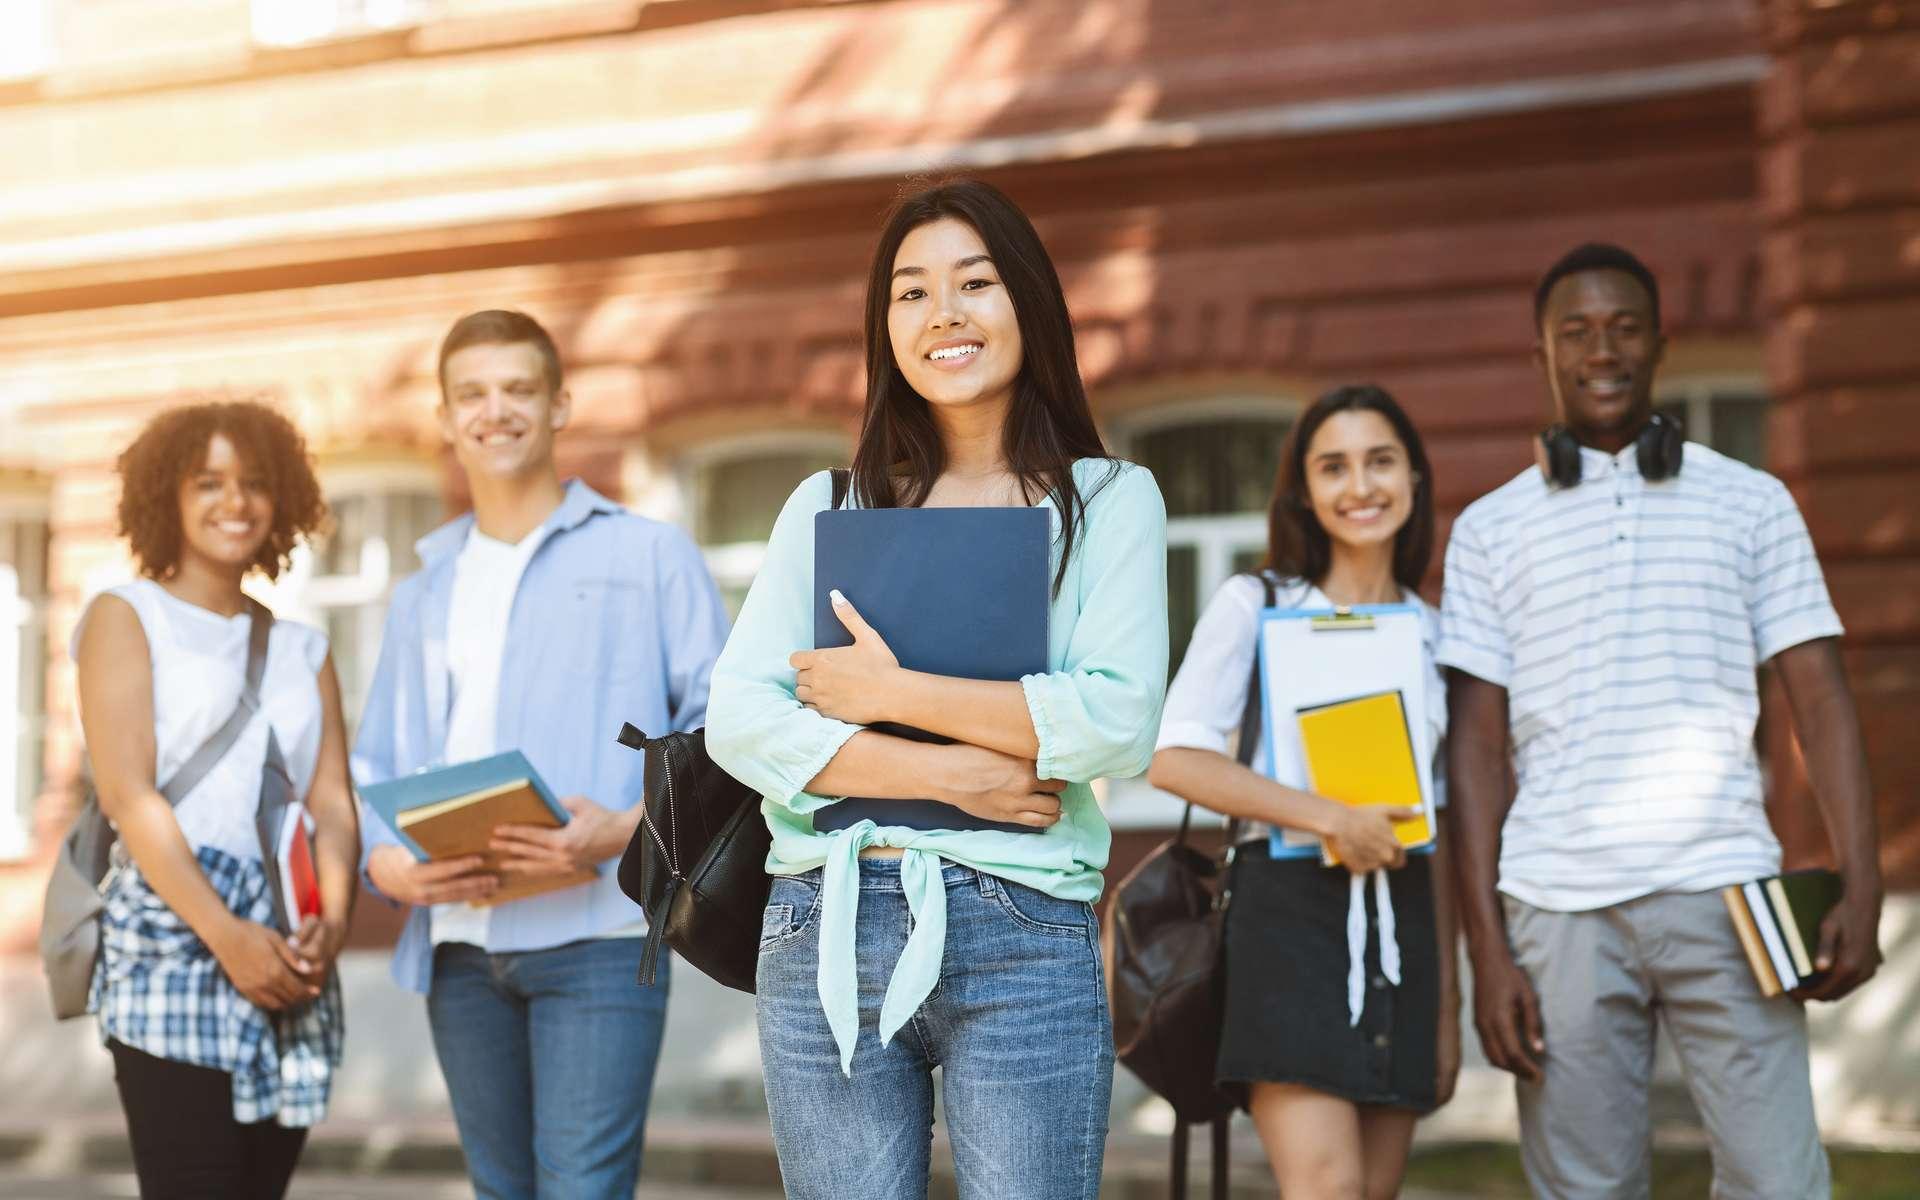 Le gouvernement donne un coup de pouce aux jeunes diplômés, en difficulté à cause de la crise du coronavius. © Prostock-studio, Adobe Stock